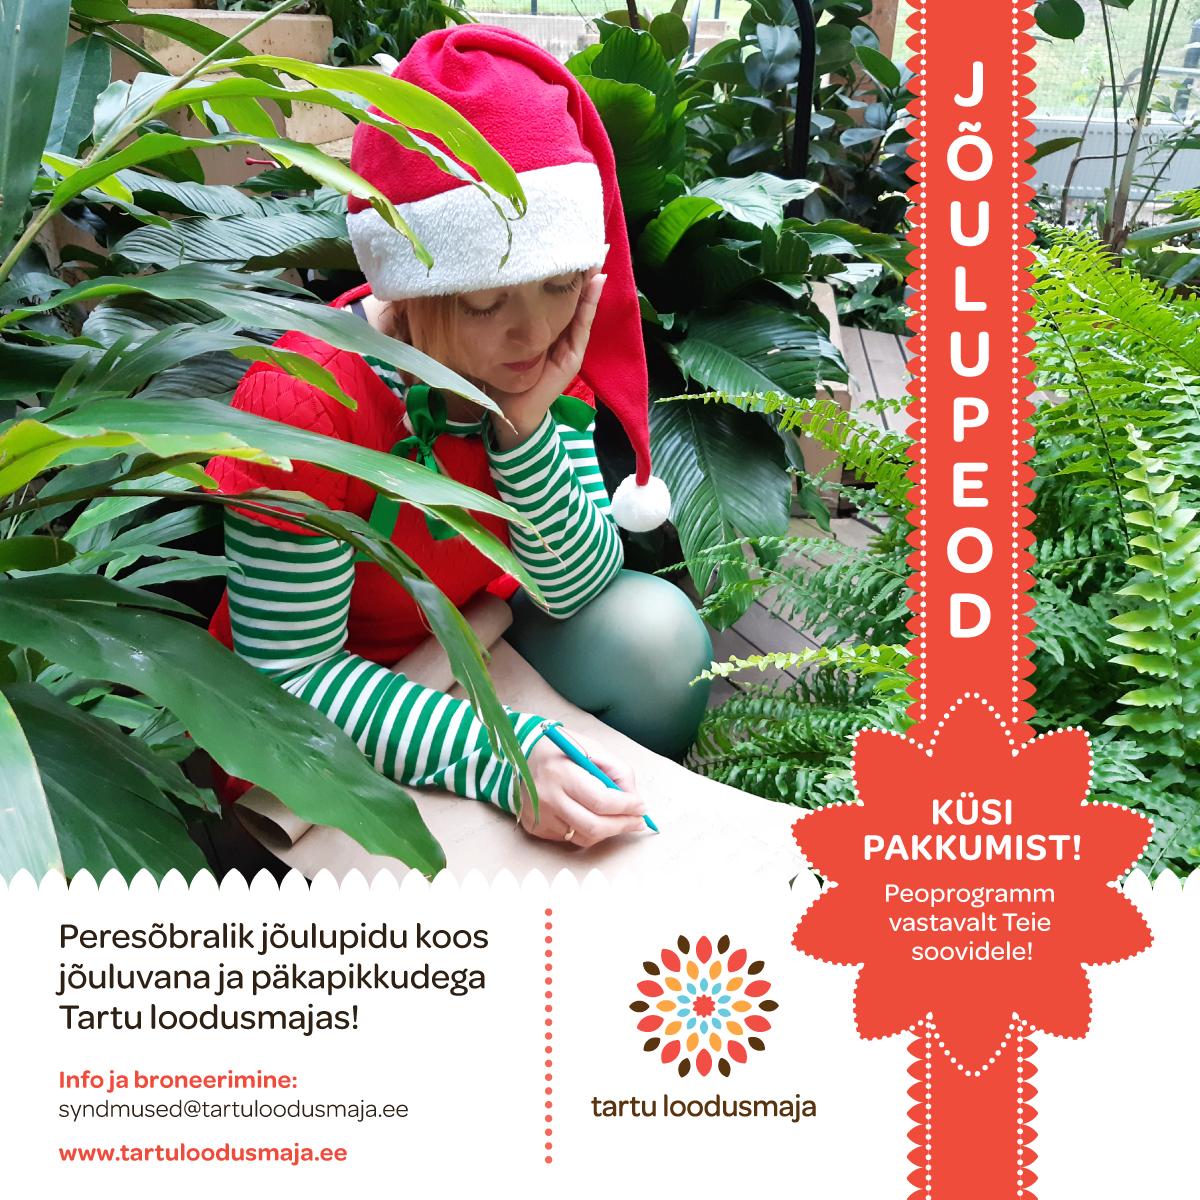 Tartu loodusmaja jõuluetendus 2019